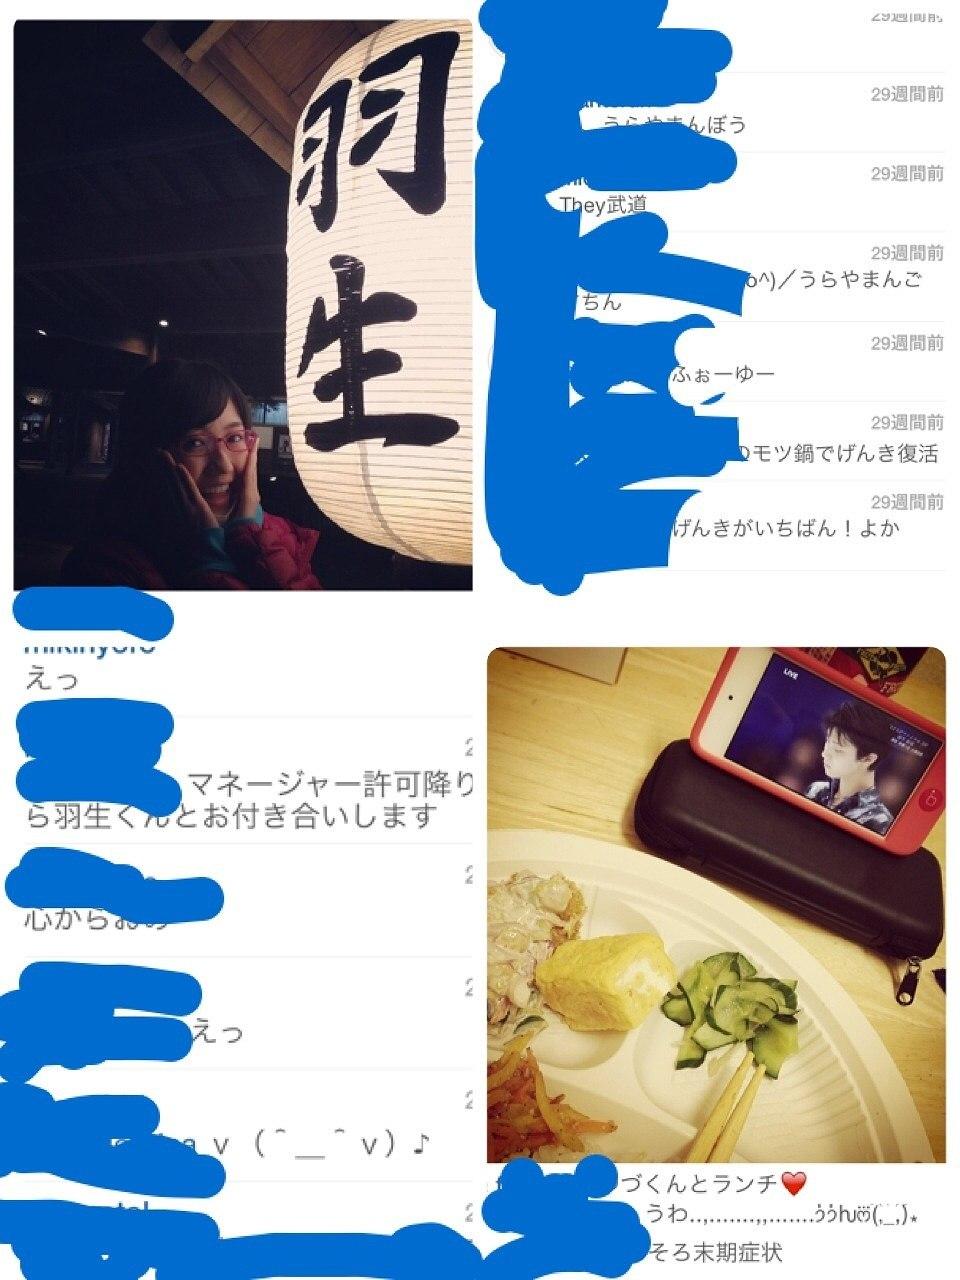 渡辺麻友のプライベートなインスタグラム画像